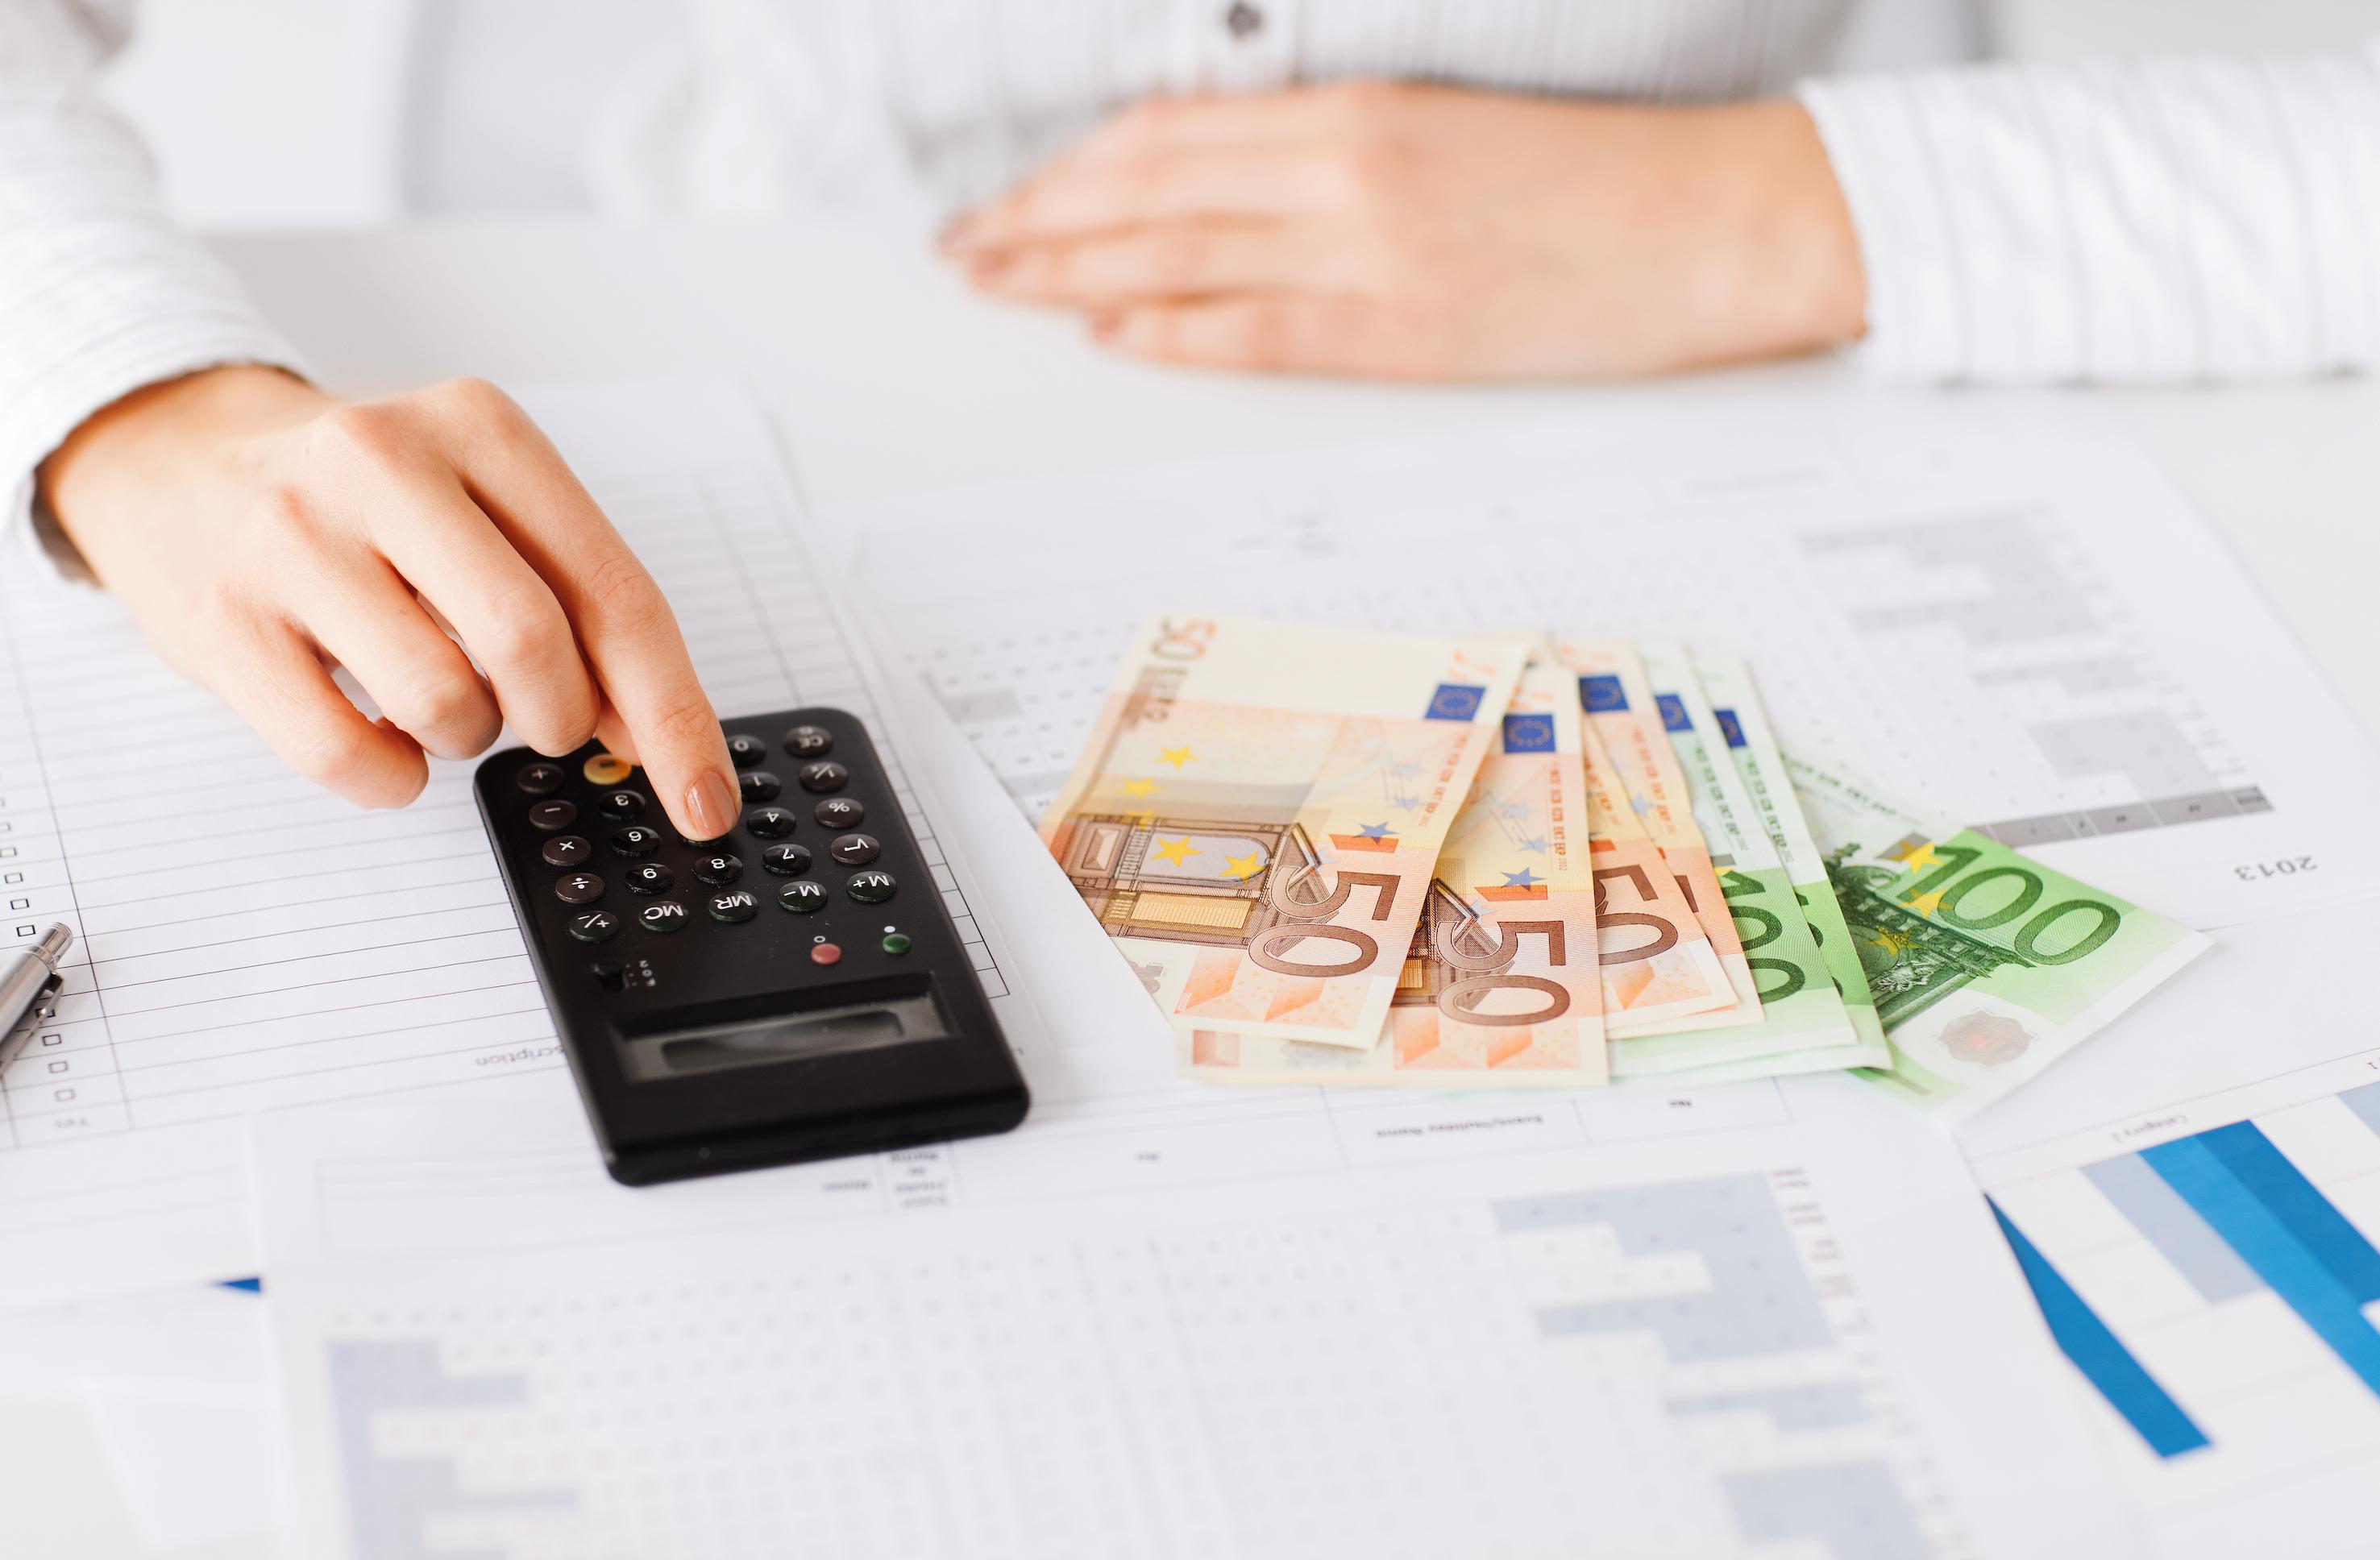 COVID-19 : 154.4 millions supplémentaires pour les secteurs en crise